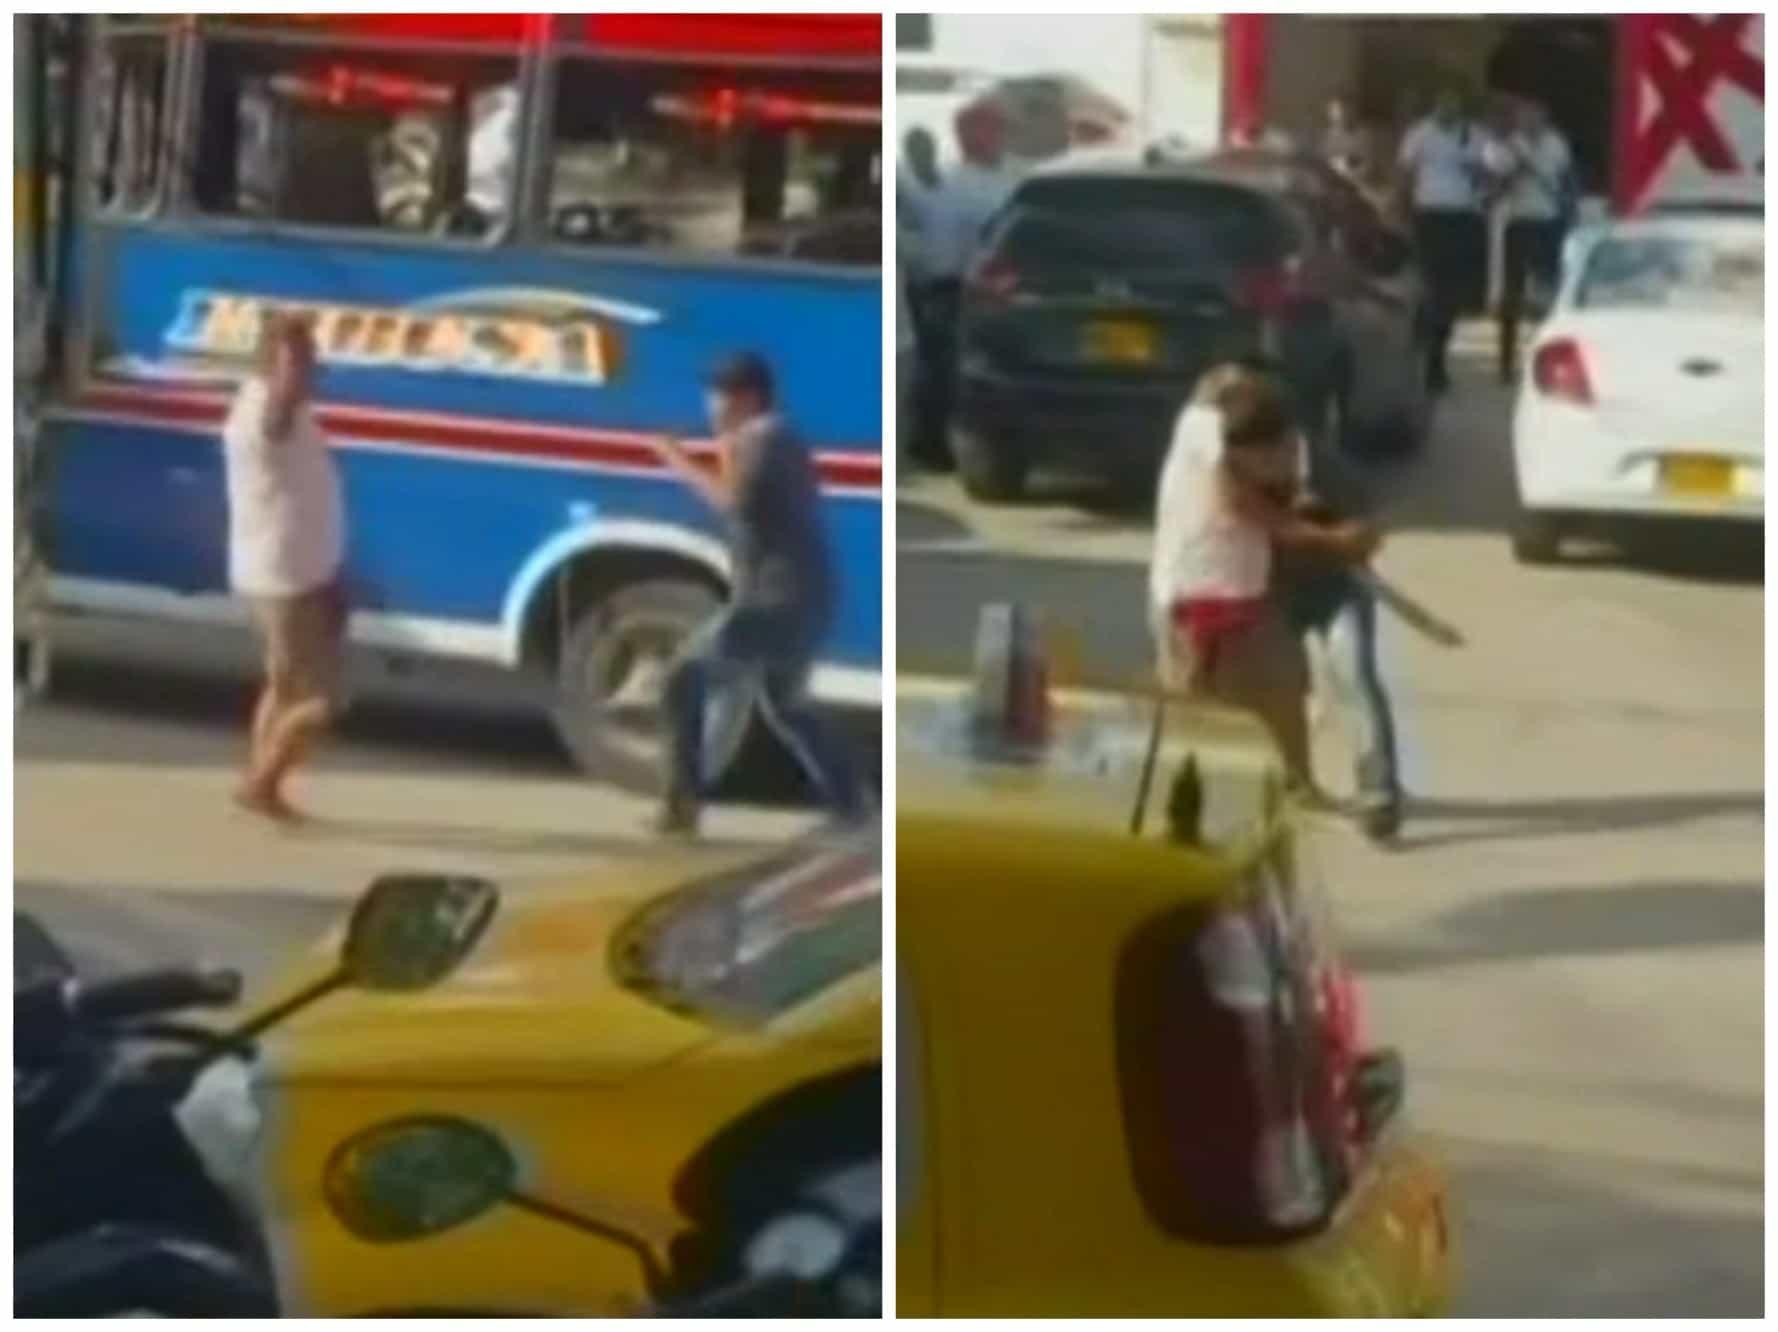 Conductores de bus peleando con un machete en Barranquilla. Pulzo.